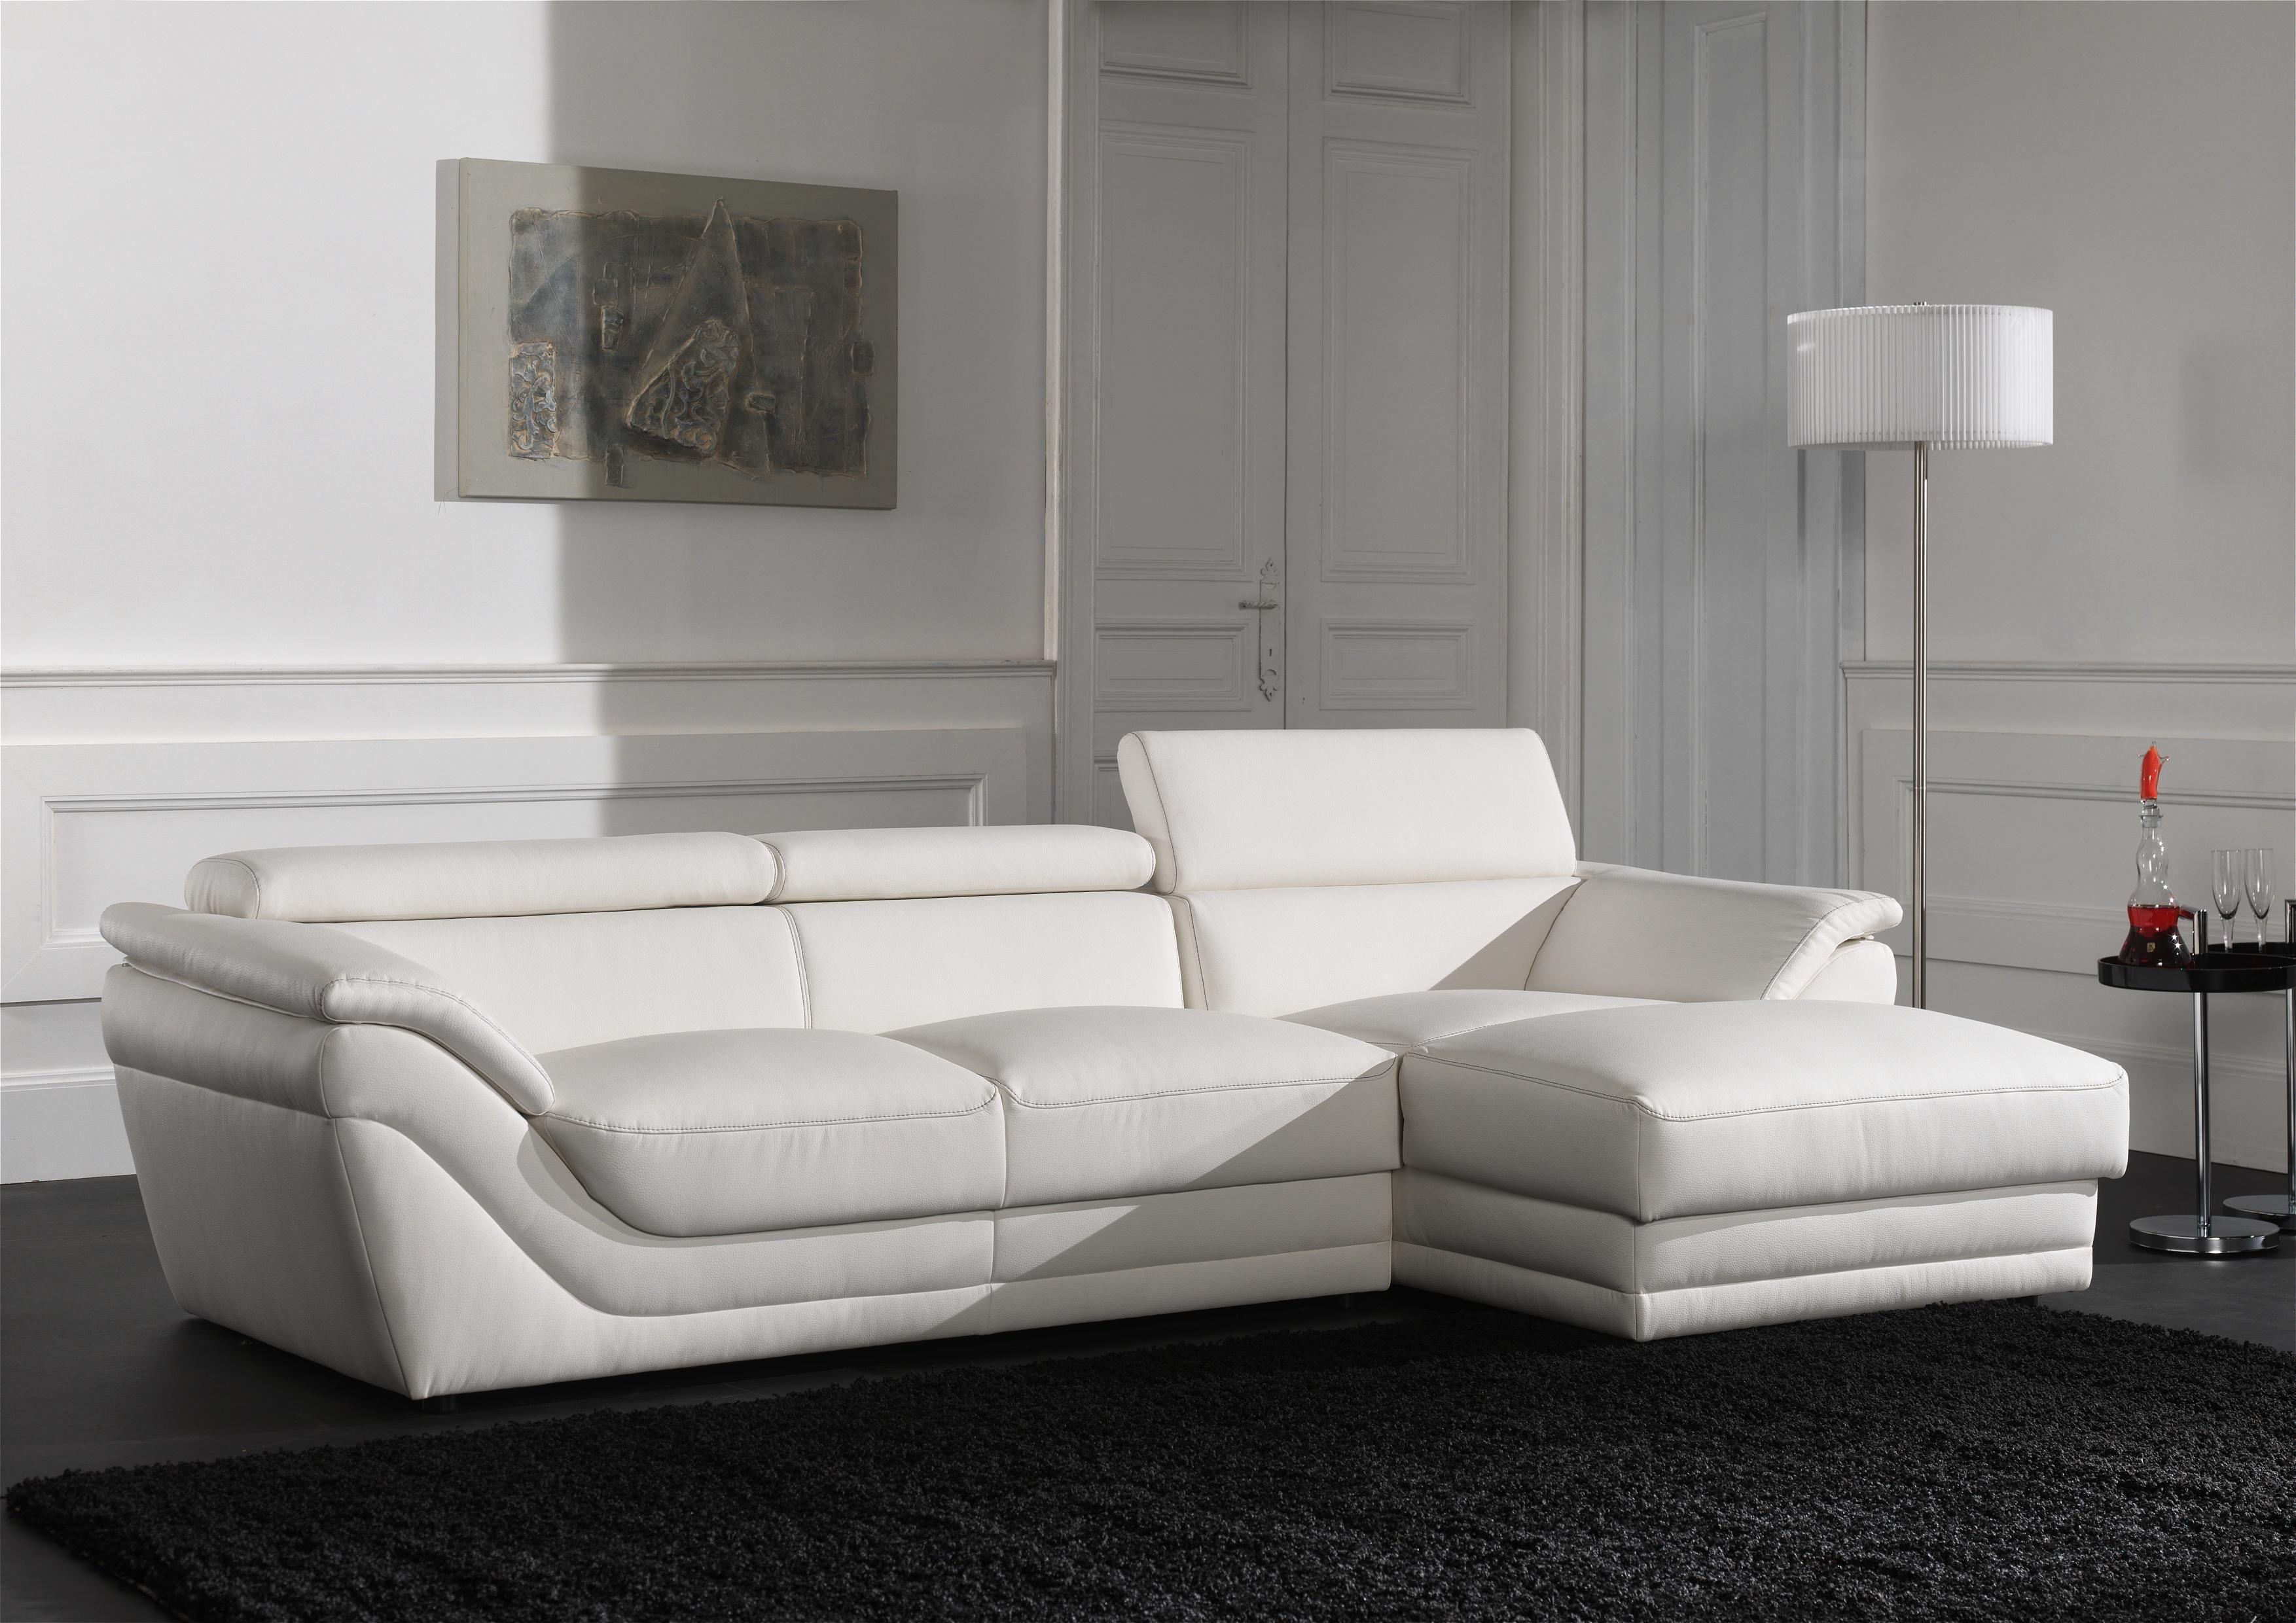 Zorg voor een eigentijdse sfeer met deze luxueuze zetel van